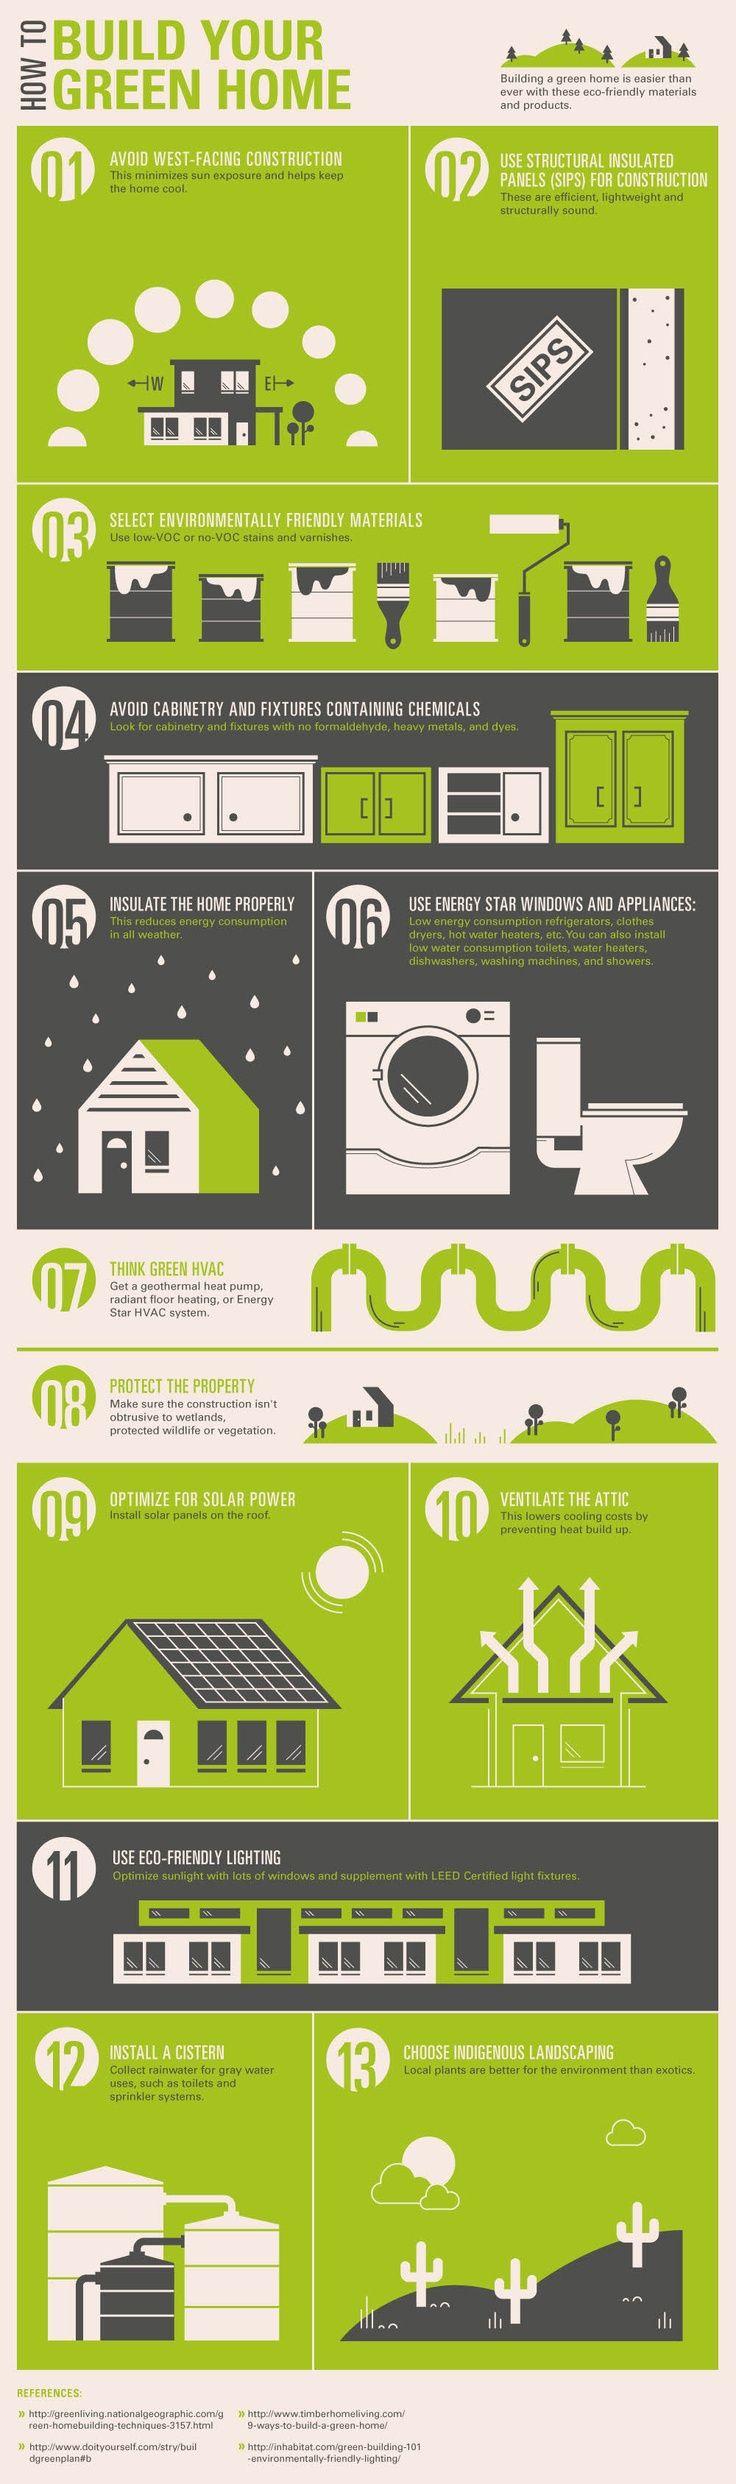 Construcción Sostenible 13 Elementos A Incluir Casas Ecológicas Construccion Sostenible Vivienda Sostenible Hogares Ecológicos